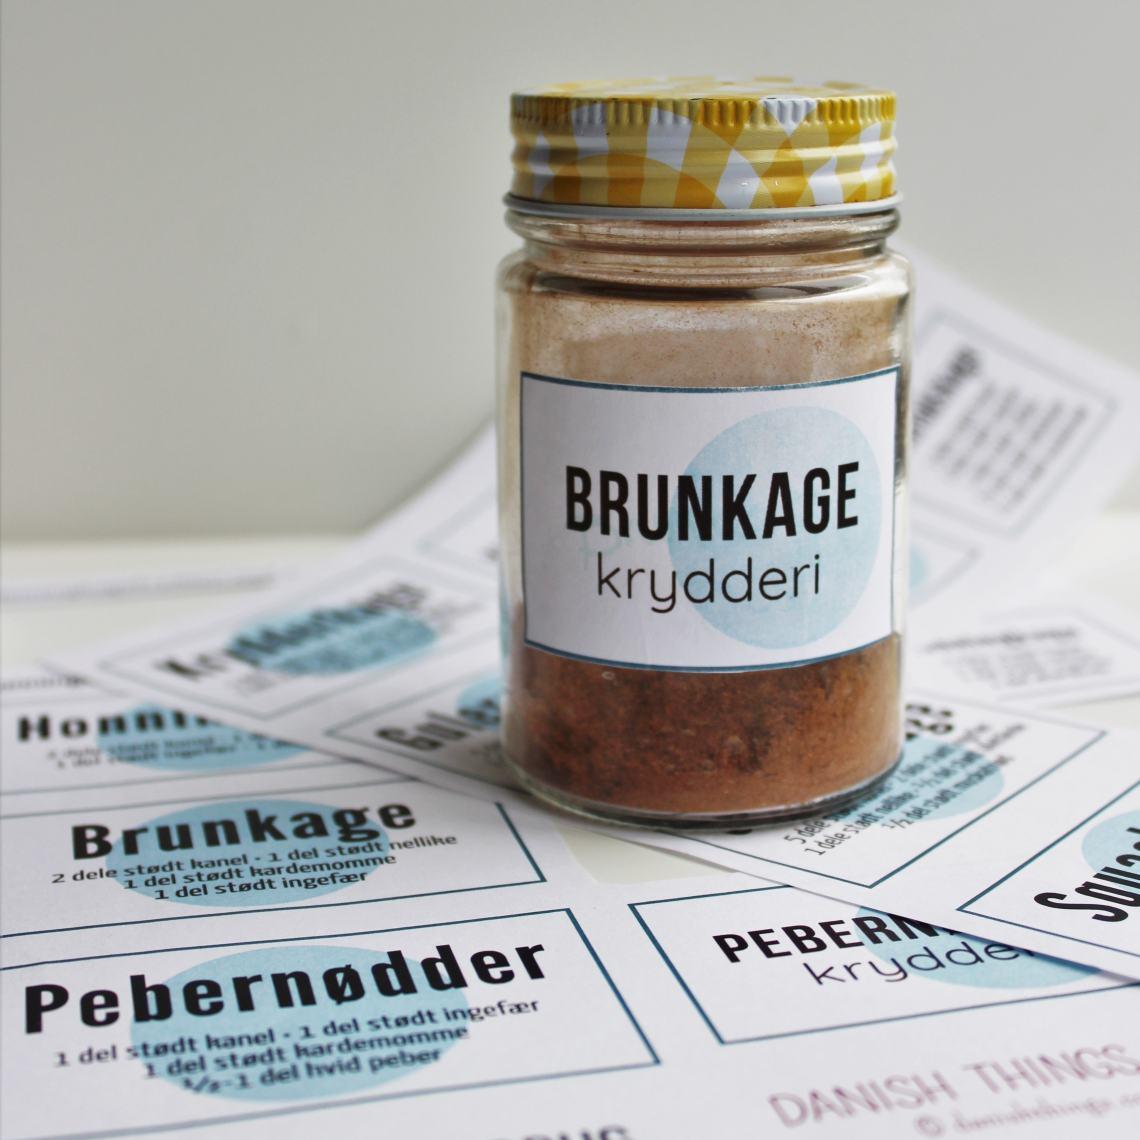 6 krydderiblandinger til kager og småkager og meget mere + labels. Lav dine egne krydderiblandinger til: honningkager, pebernødder, peberkager, brunkager, krydderkage, gulerodskage, græskarkage og squashkage - print de tilhørende labels. Find opskrifter, gratis print til download og inspiration til årets gang på danishthings.com #danishthings #kagekrydderi #honningkager #pebernødder #peberkager #brunkager #krydderkage #gulerodskage #græskarkage #squashkage #krydderiblanding #lav-selv-kagekrydderi